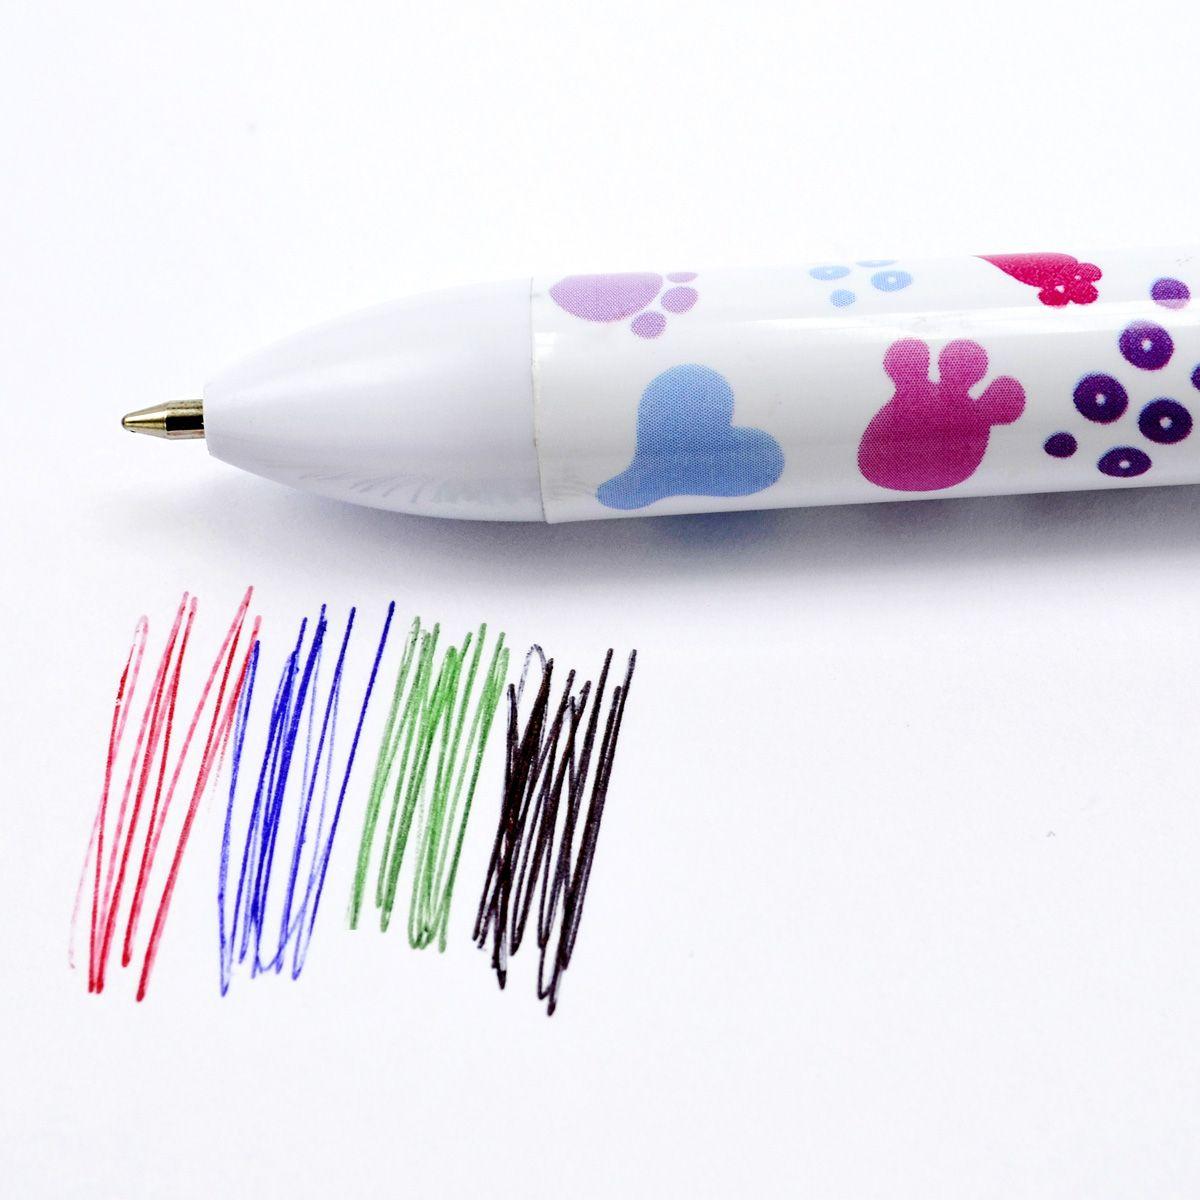 Пластиковый корпус. 4 цвета в одной ручке: черный, синий, зеленый, красный. Диаметр шарика - 0,7 мм. В пакете с европодвесом.